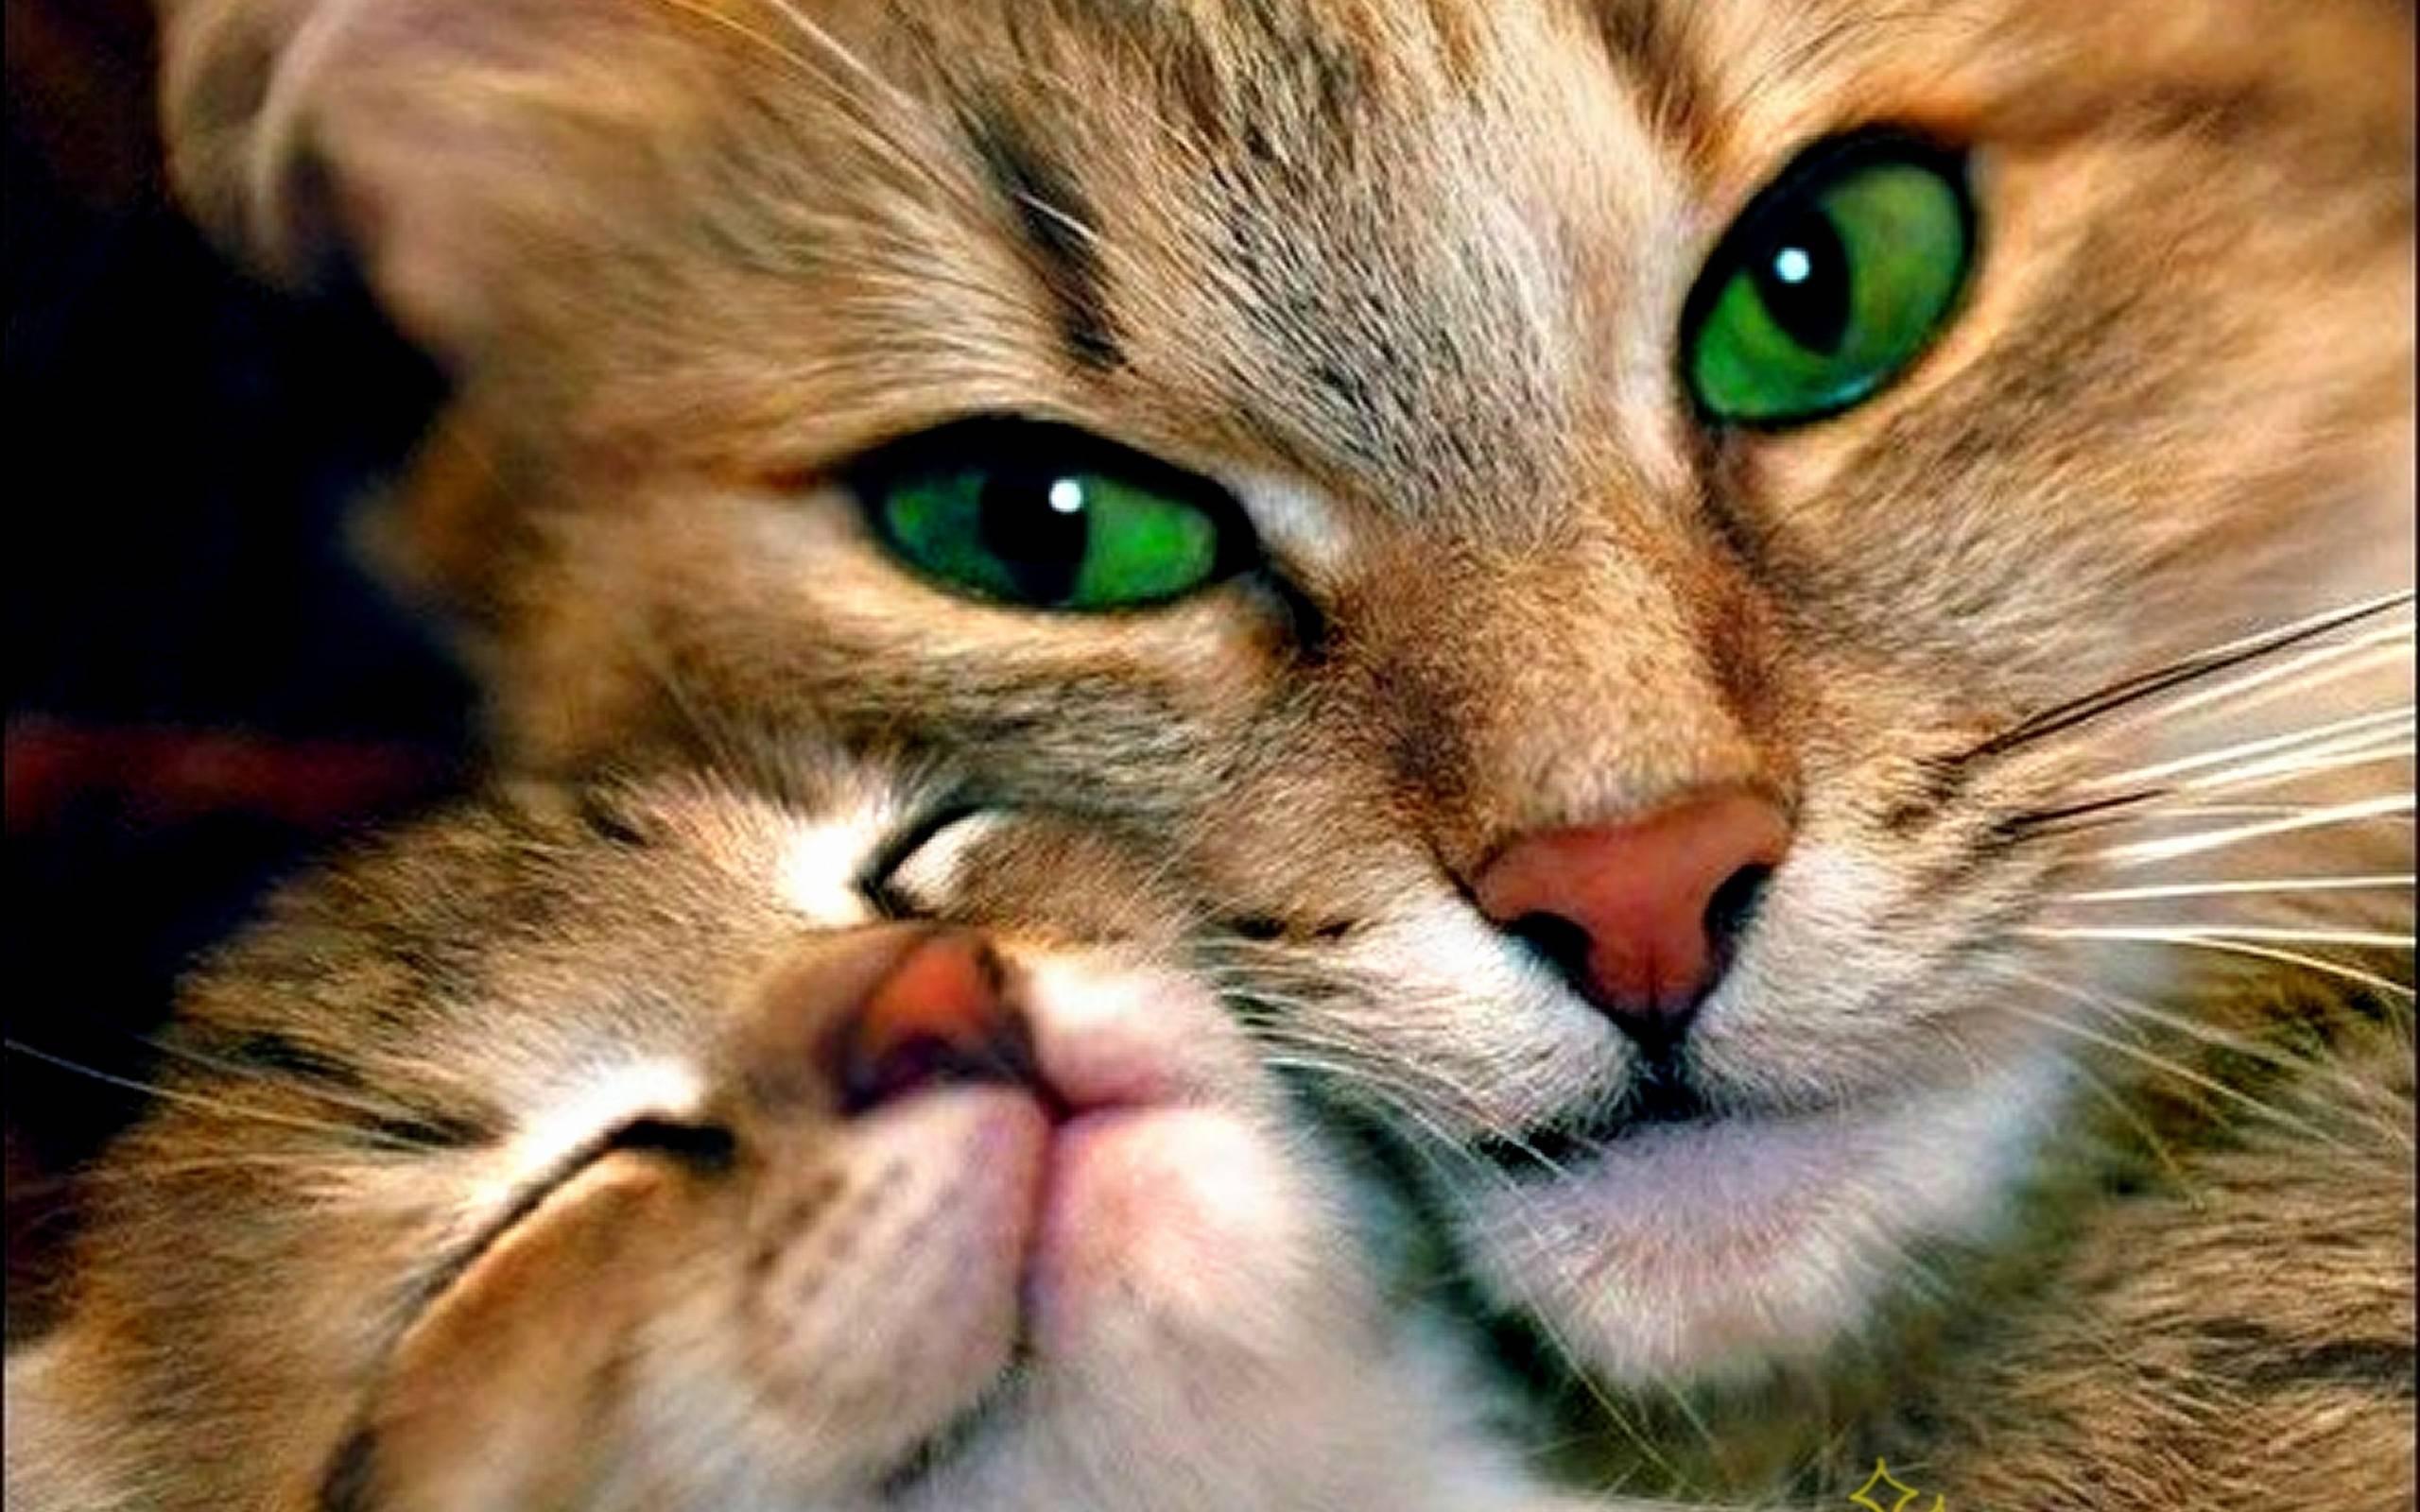 صور اجمل صور قطط , تعرف على انواع واشكال ارق حيوان